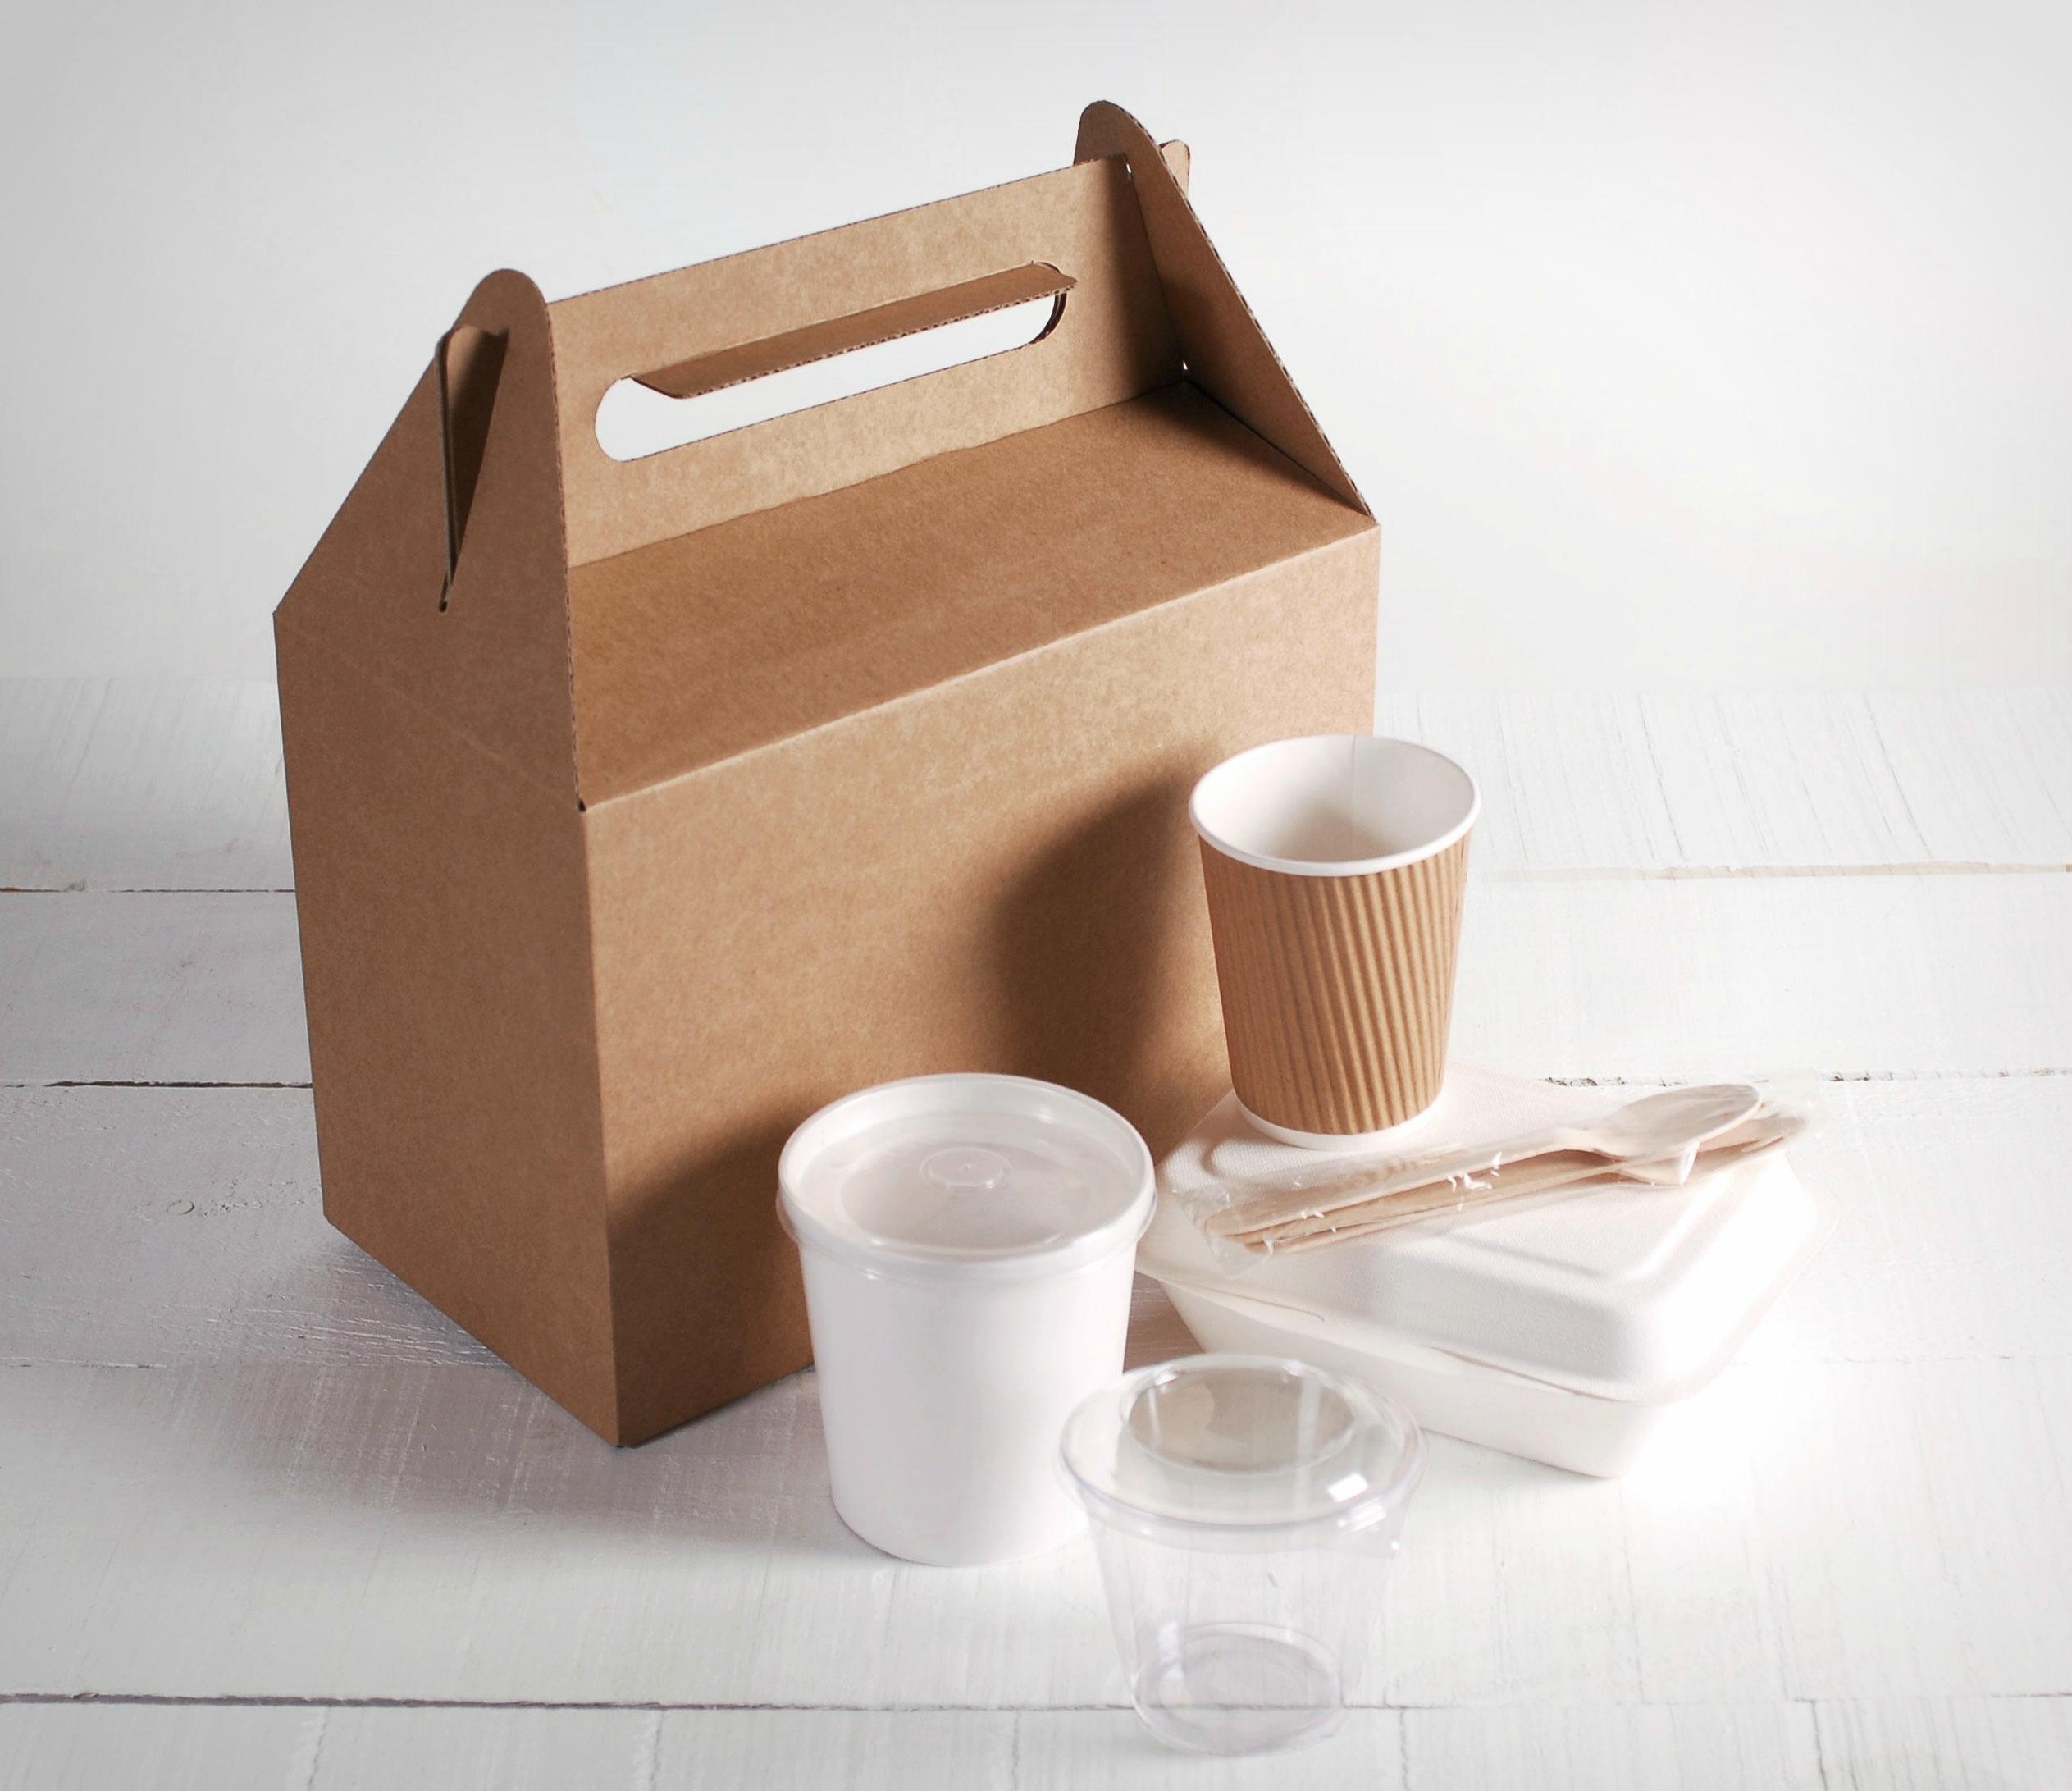 Cajas Para Alimentaci N Sin Pedido Min Mo Selfpackaging ~ Cajas De Carton Decorativas Grandes